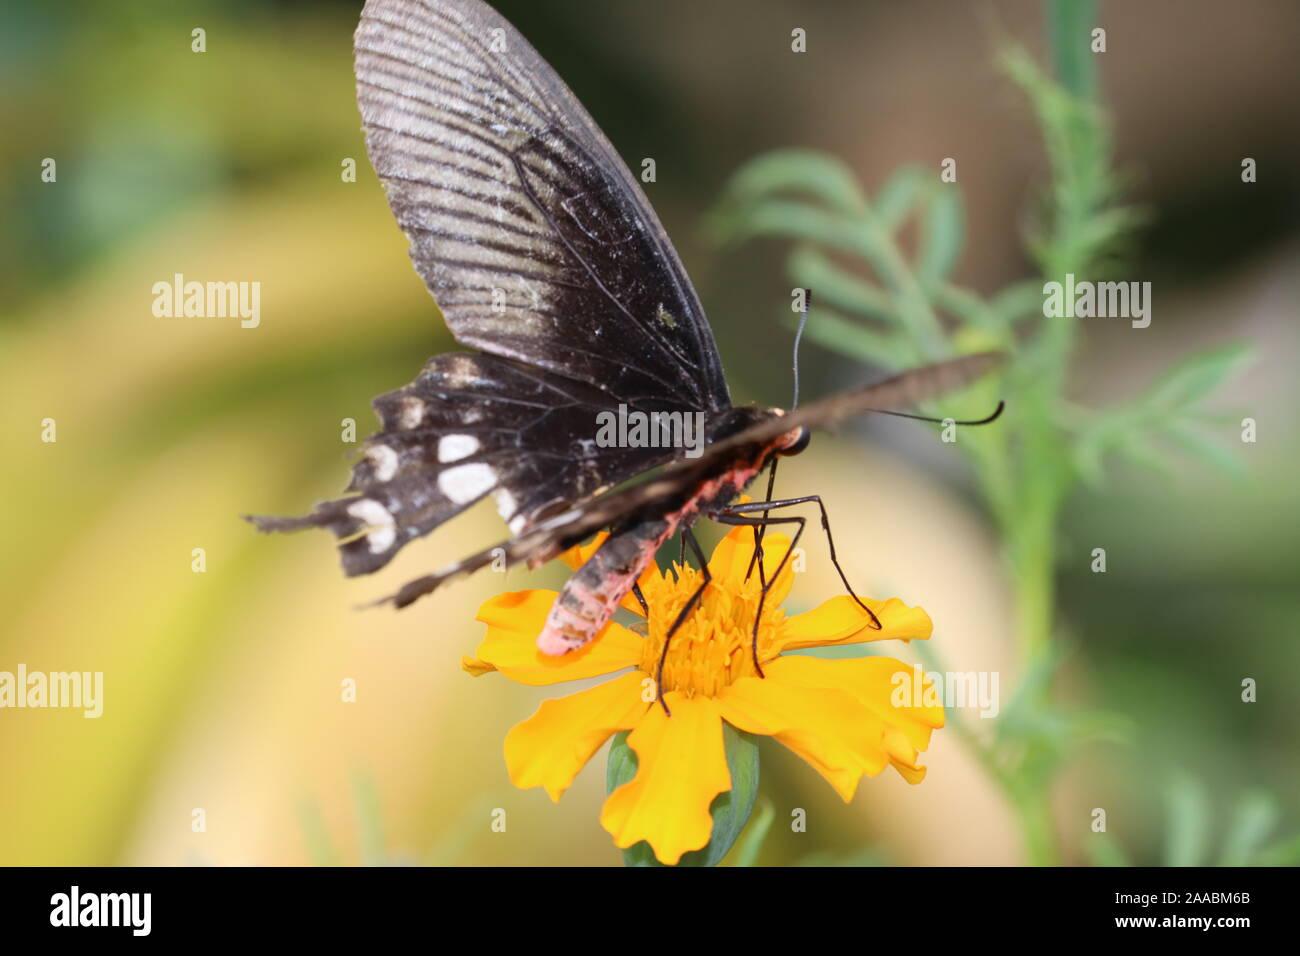 Ranga Athyma encaramado sobre mariposas flor caléndula.chupar néctar, polen de la caléndula. Foto de stock